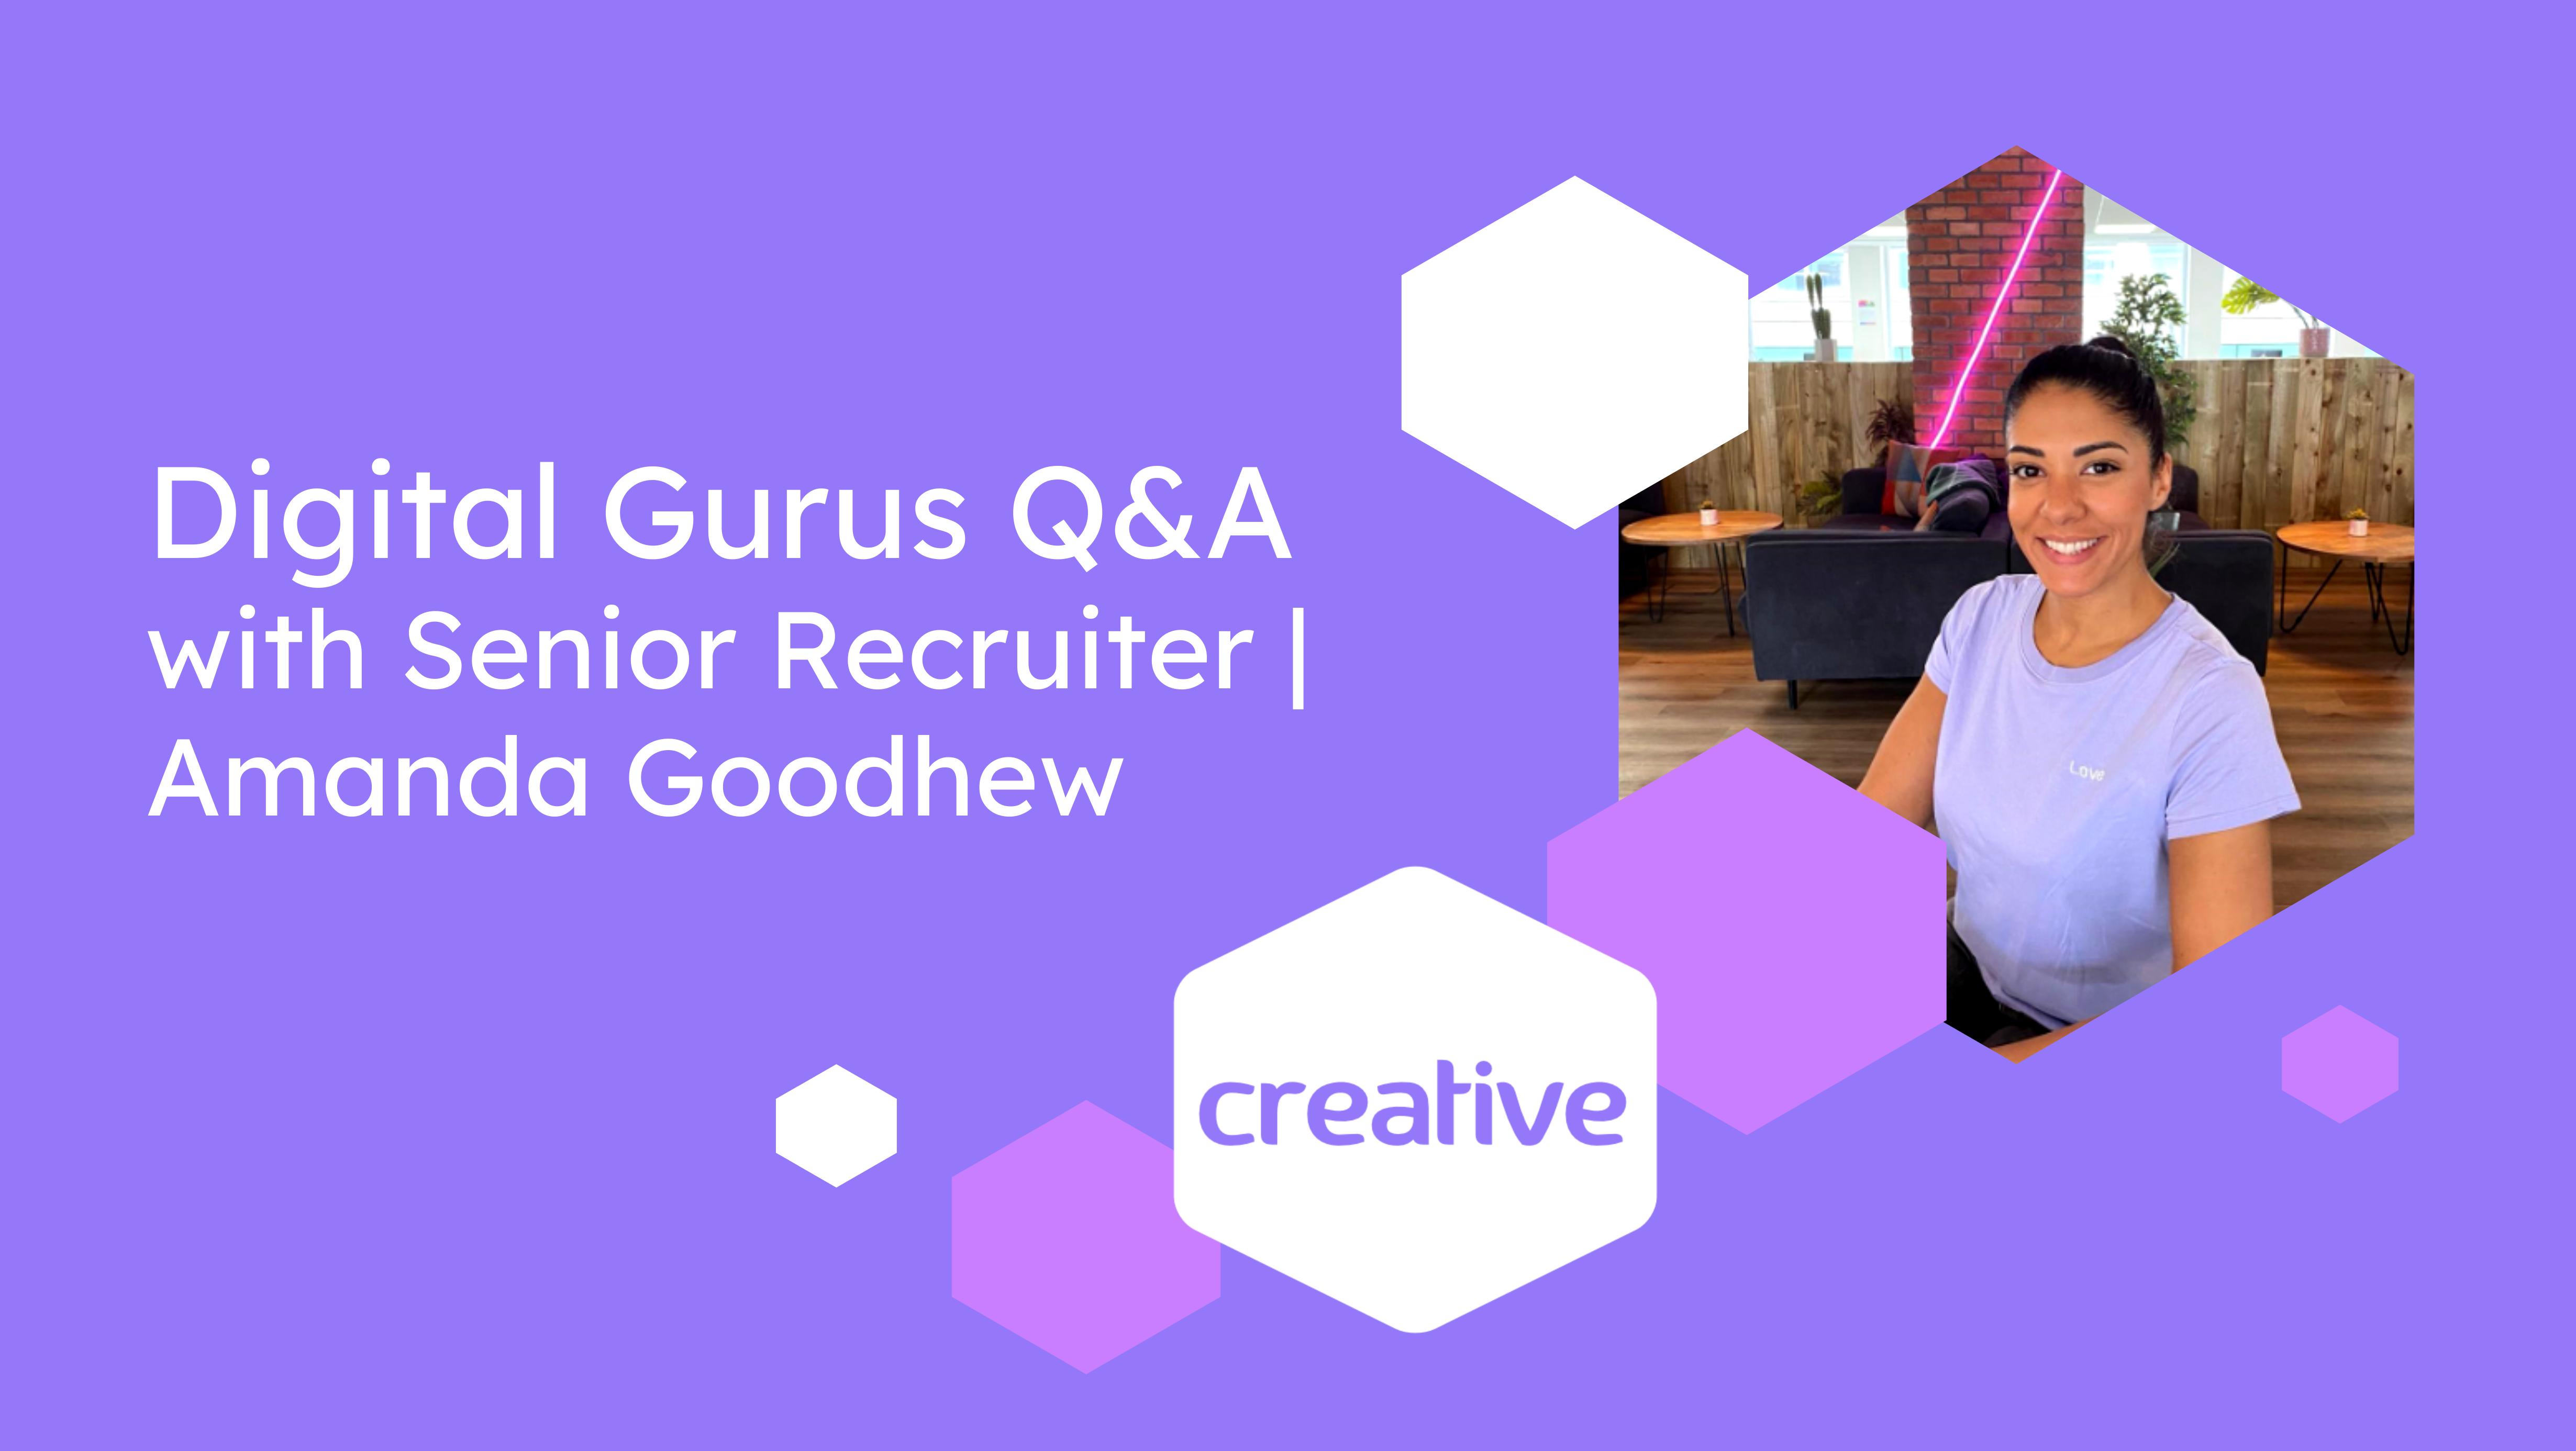 Meet Creative recruitment expert - Amanda Goodhew